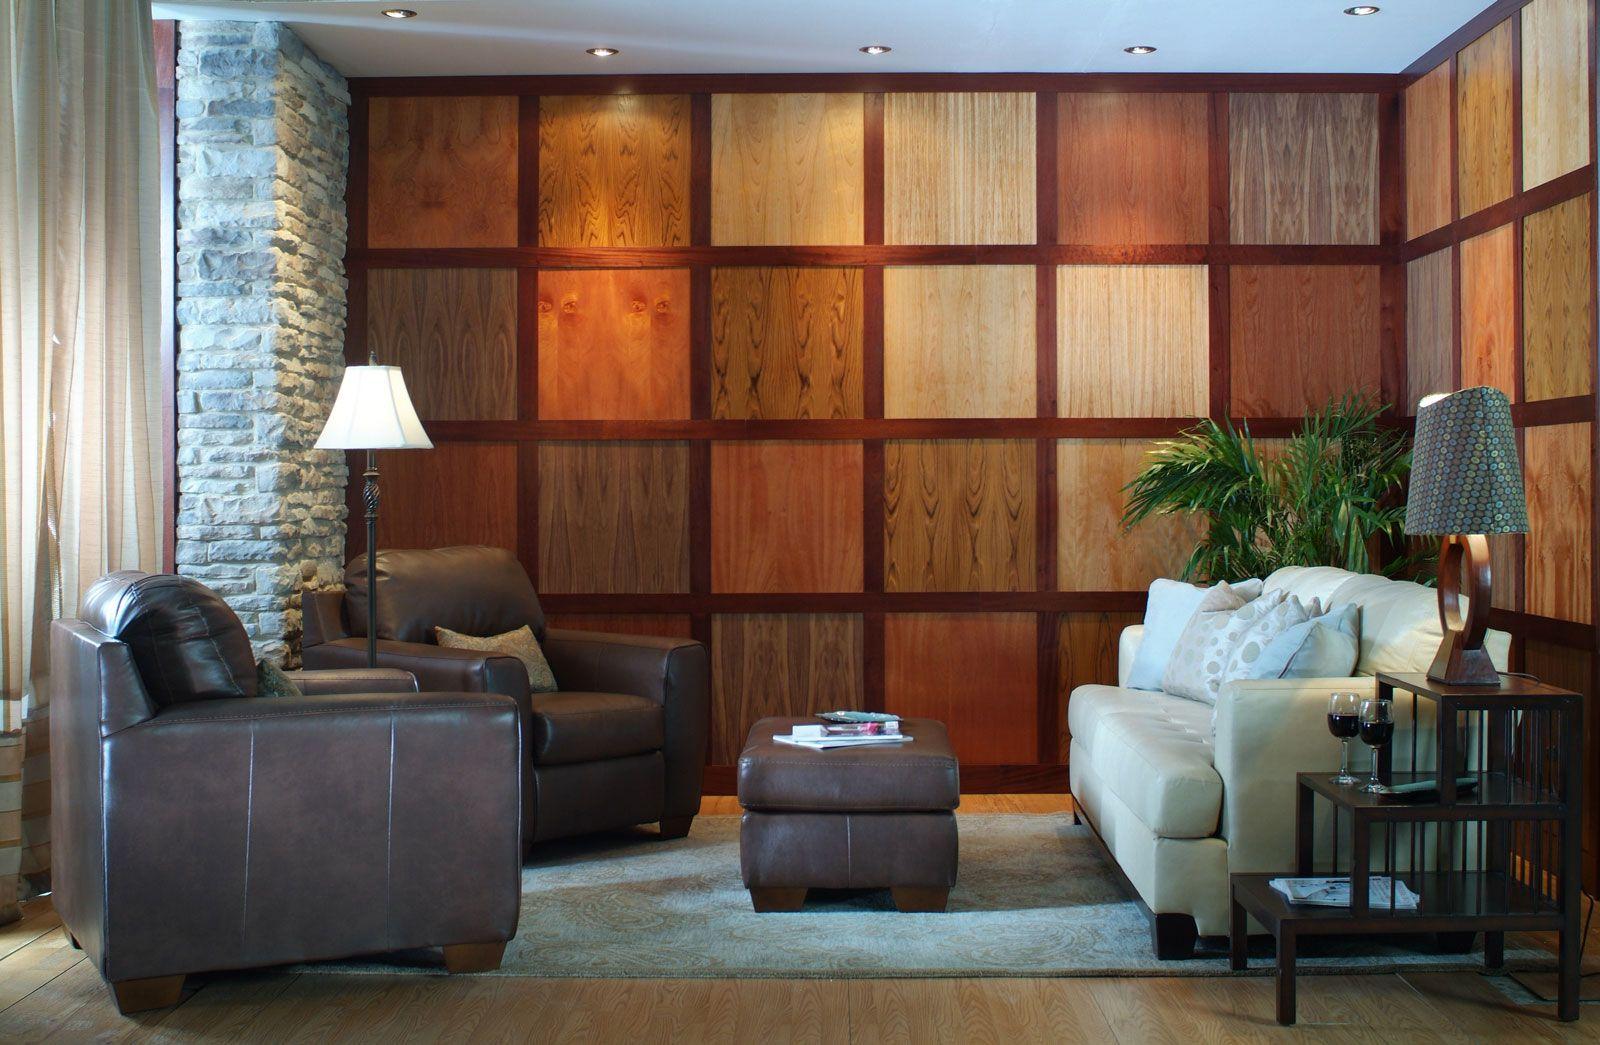 Палисандр - Ставка на необычный цвет дерева для квартиры